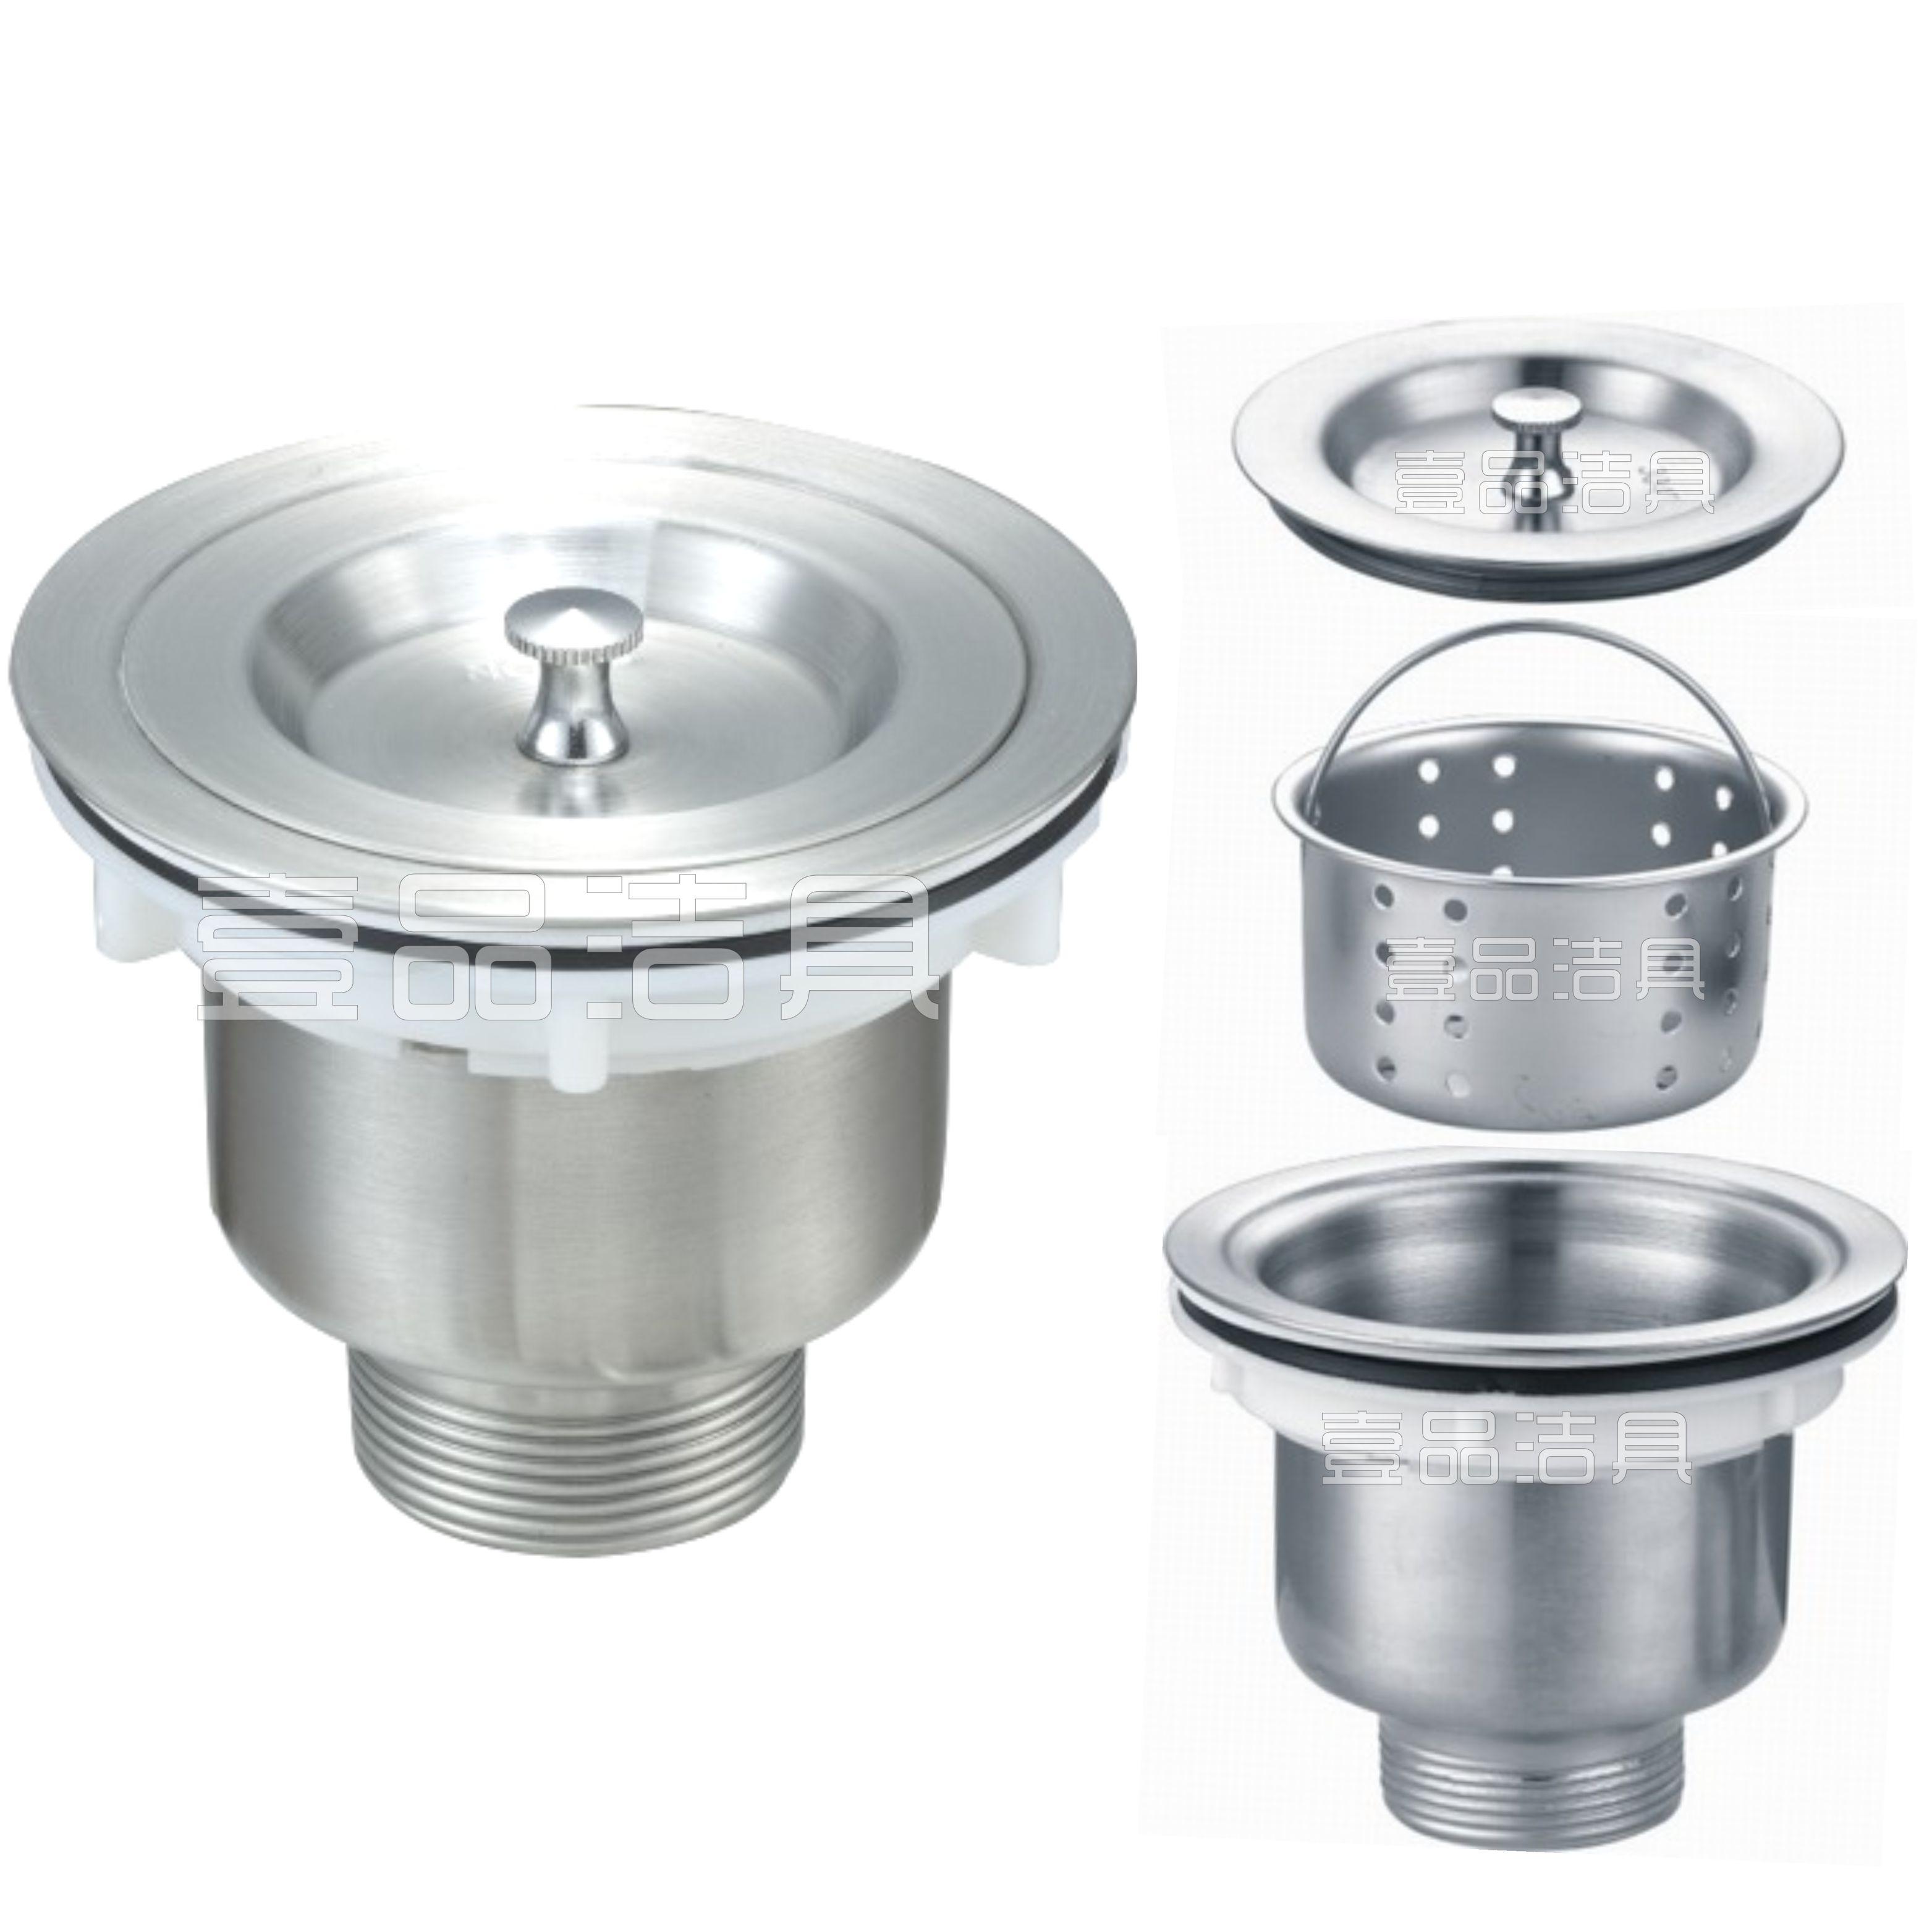 Tanque de agua de la cocina, fregadero de acero inoxidable de drenaje de agua de lavar los platos al paquete completo de correo